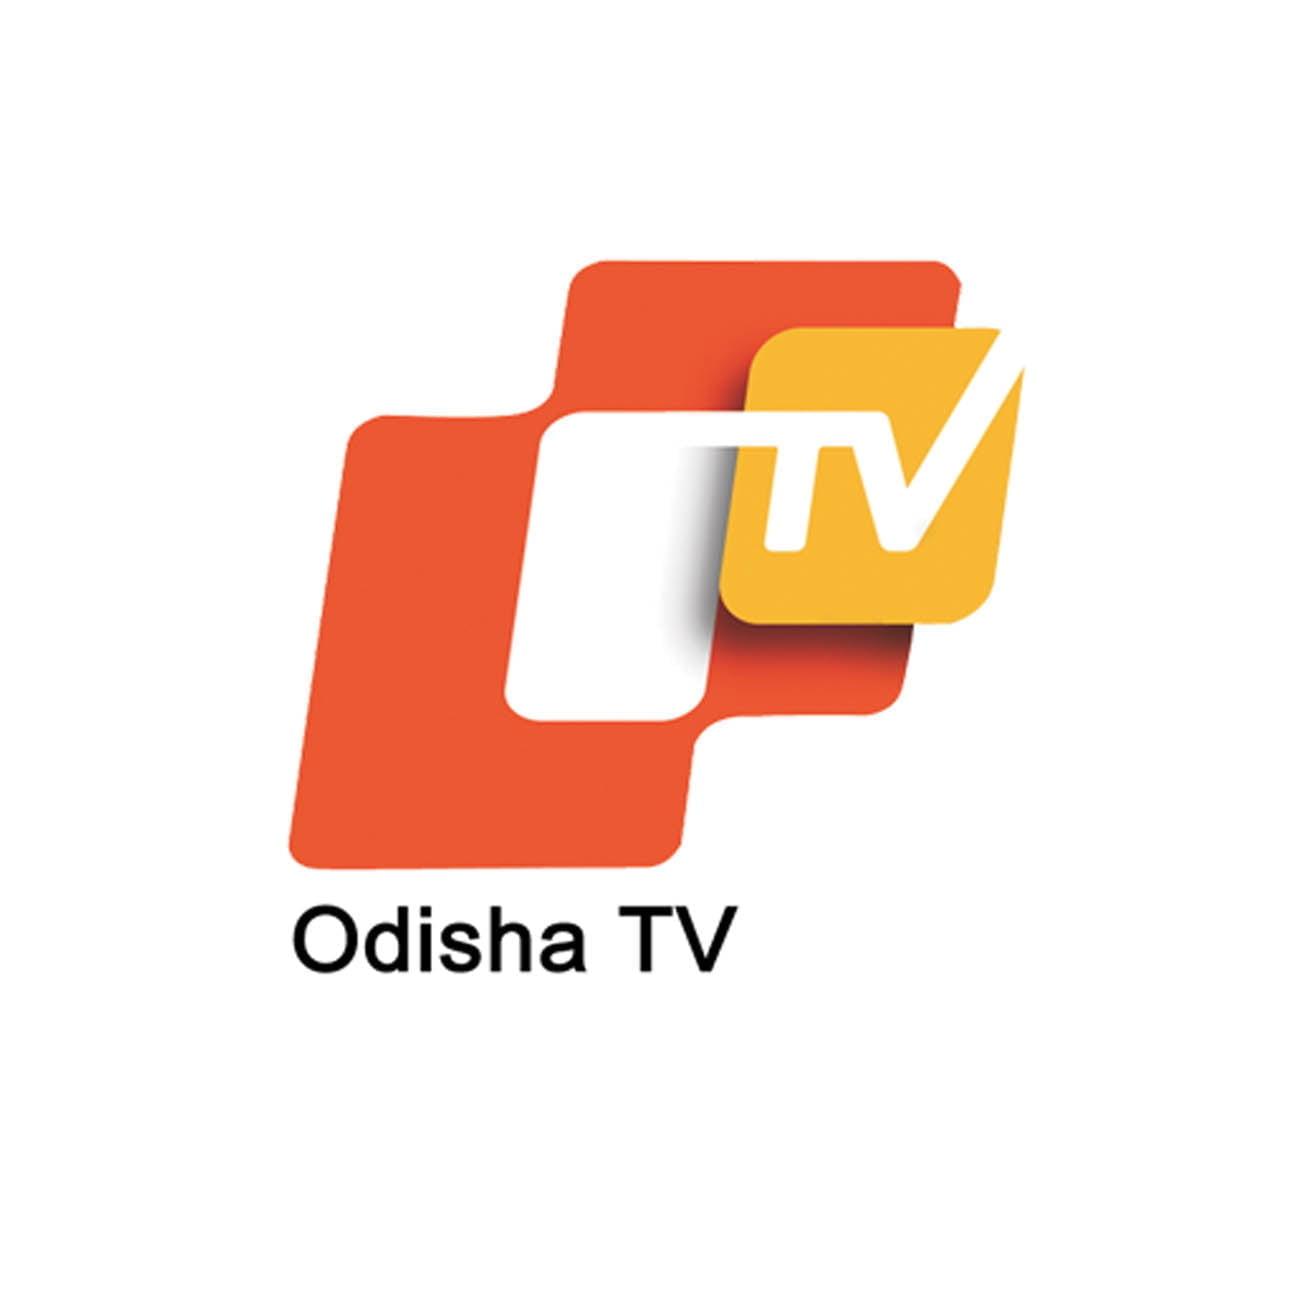 Odisha TV Logo